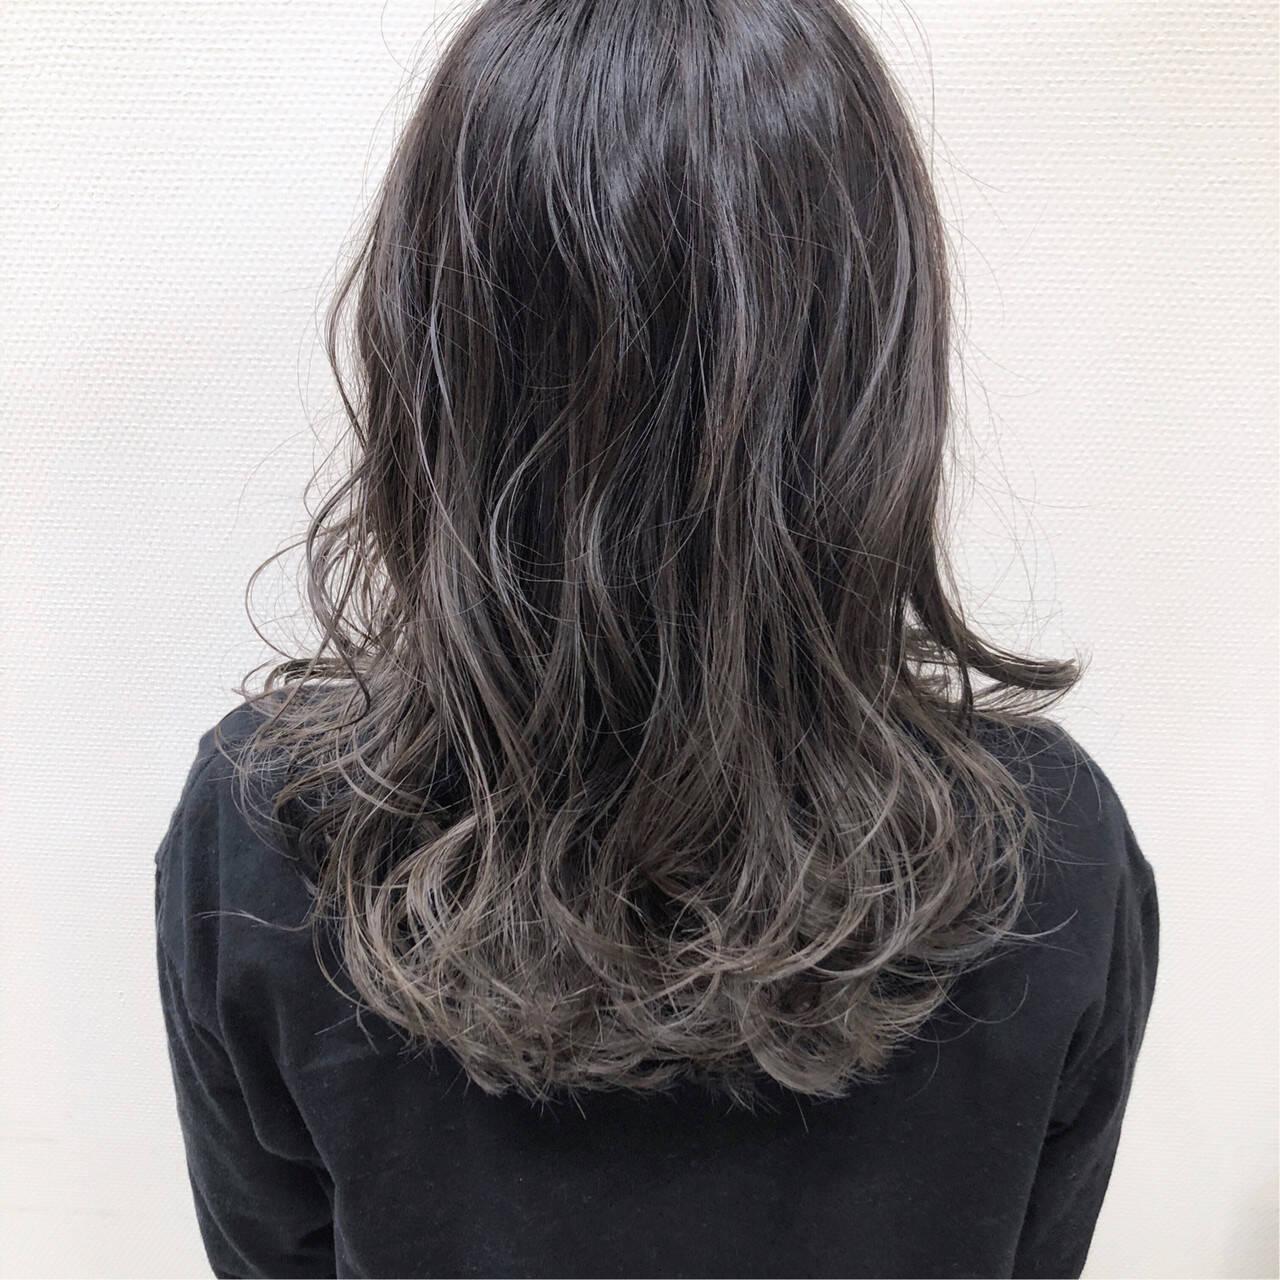 アッシュベージュ グラデーションカラー セミロング グレージュヘアスタイルや髪型の写真・画像